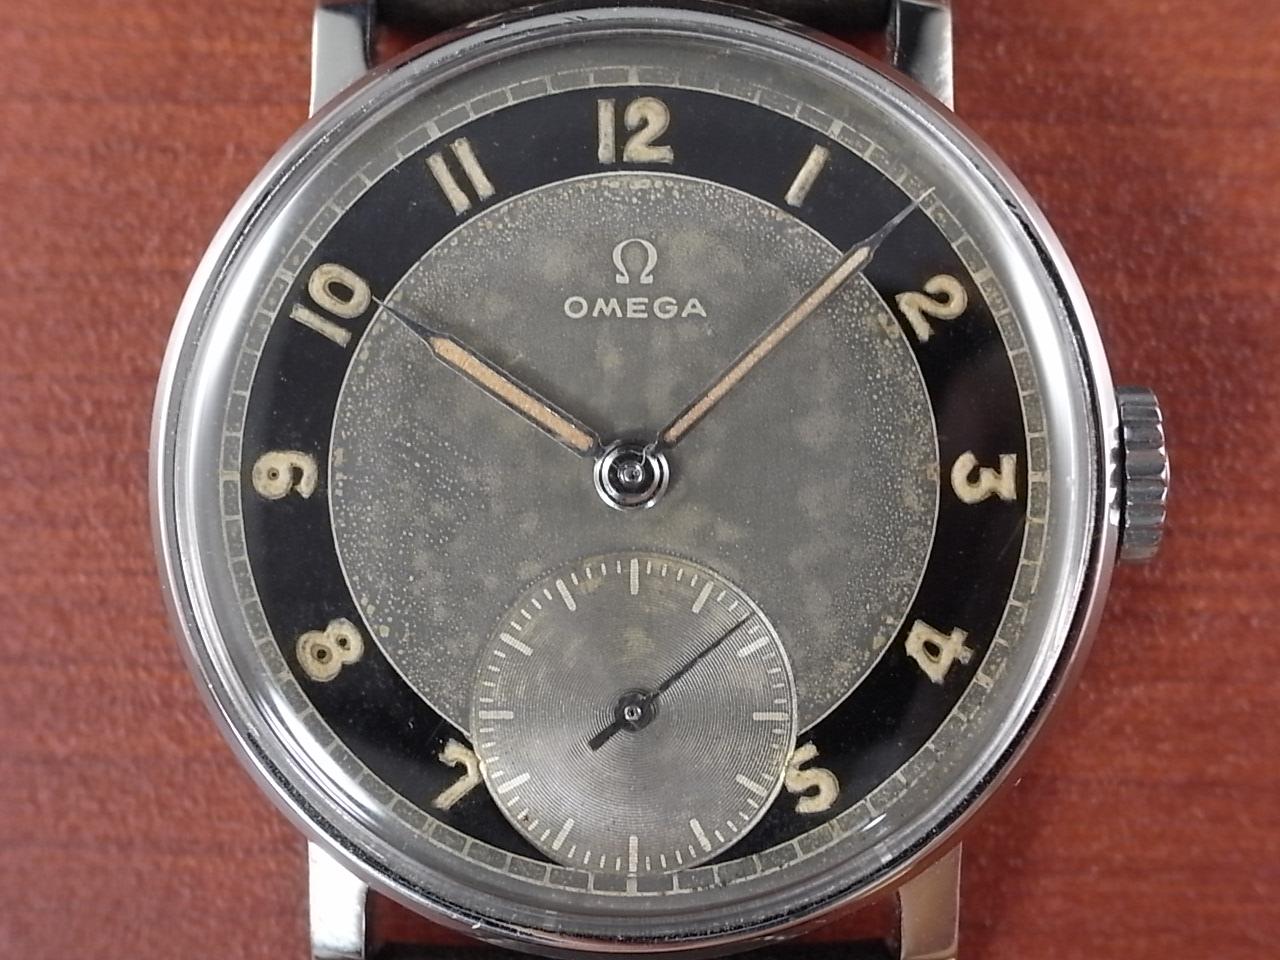 オメガ 30mmキャリバー ブルズアイ ブラック/グレー 1940年代の写真2枚目